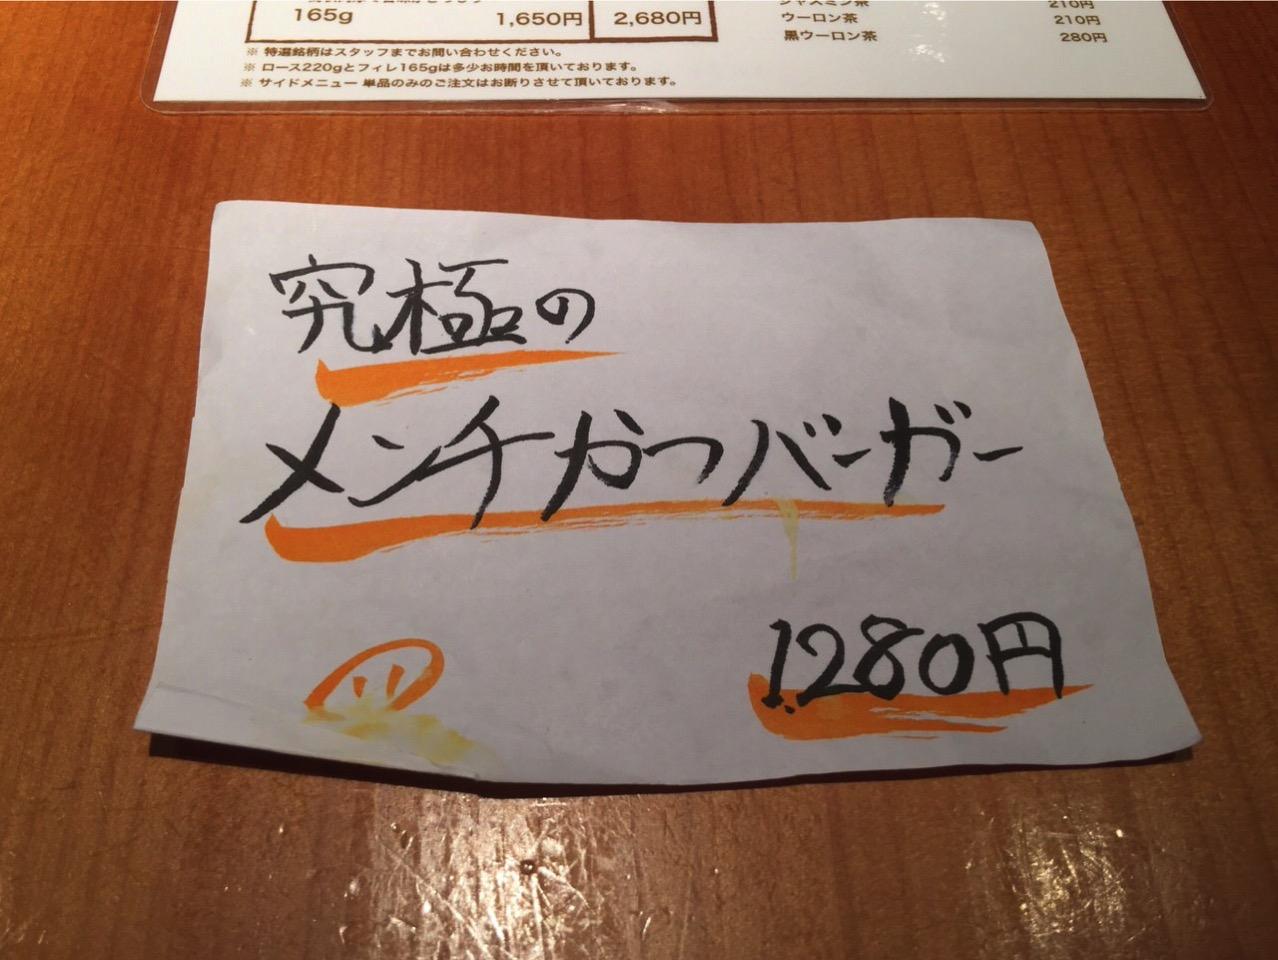 Kyukyoku butagumi 7040